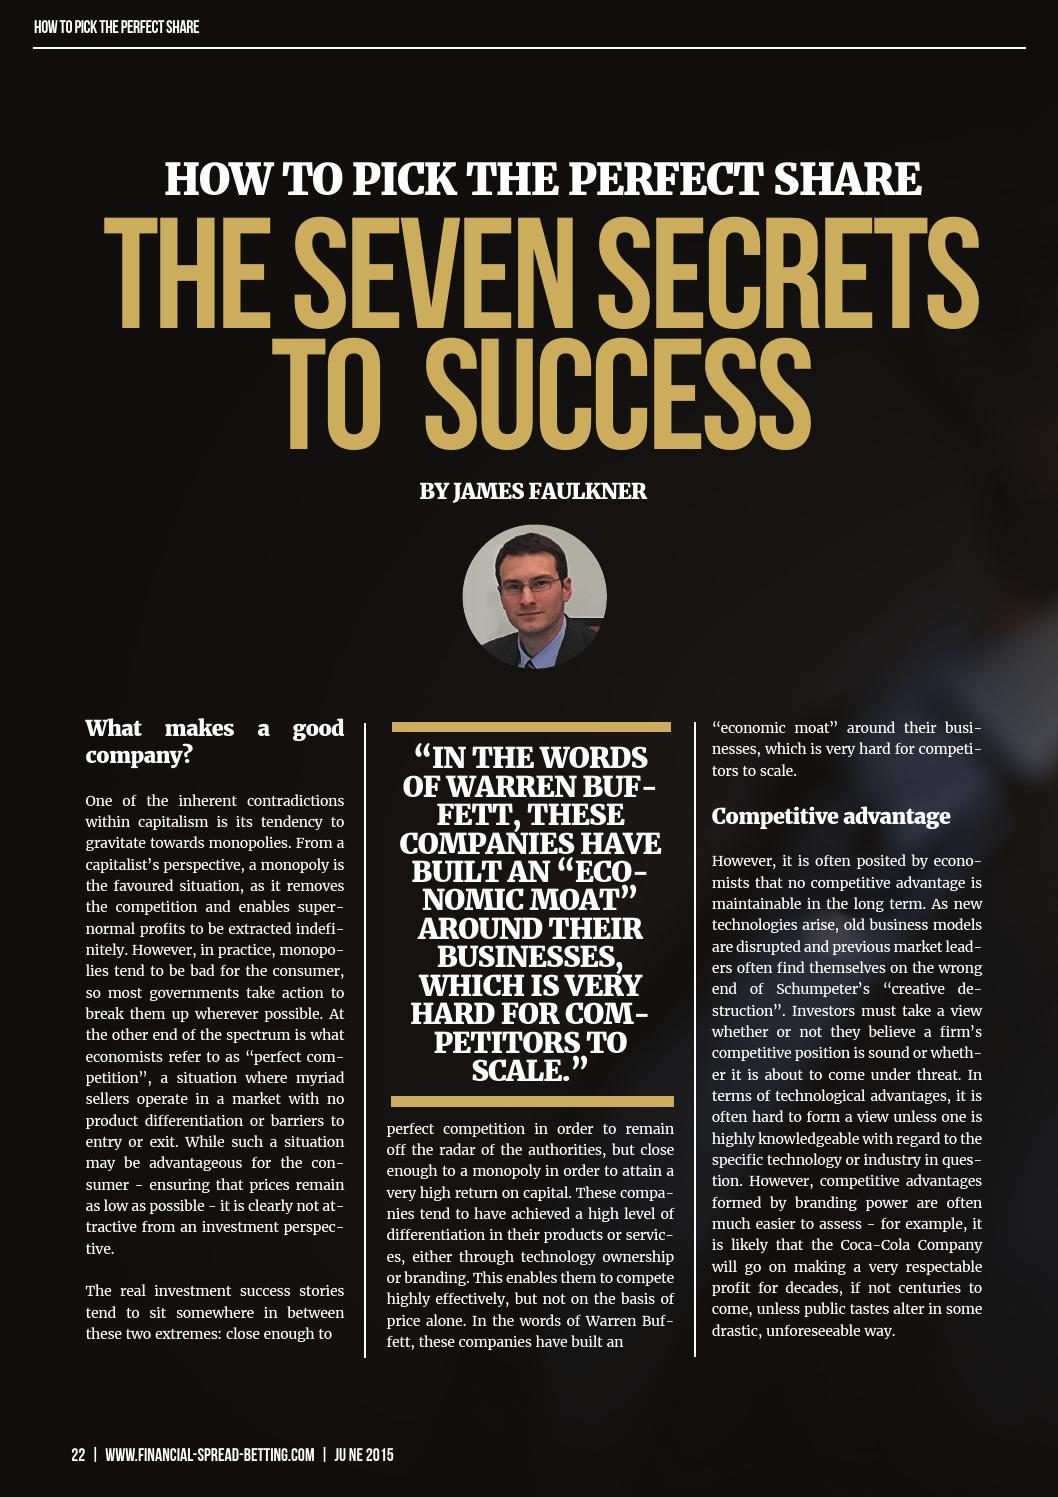 Financial spread betting success stories world star betting kktc arabam